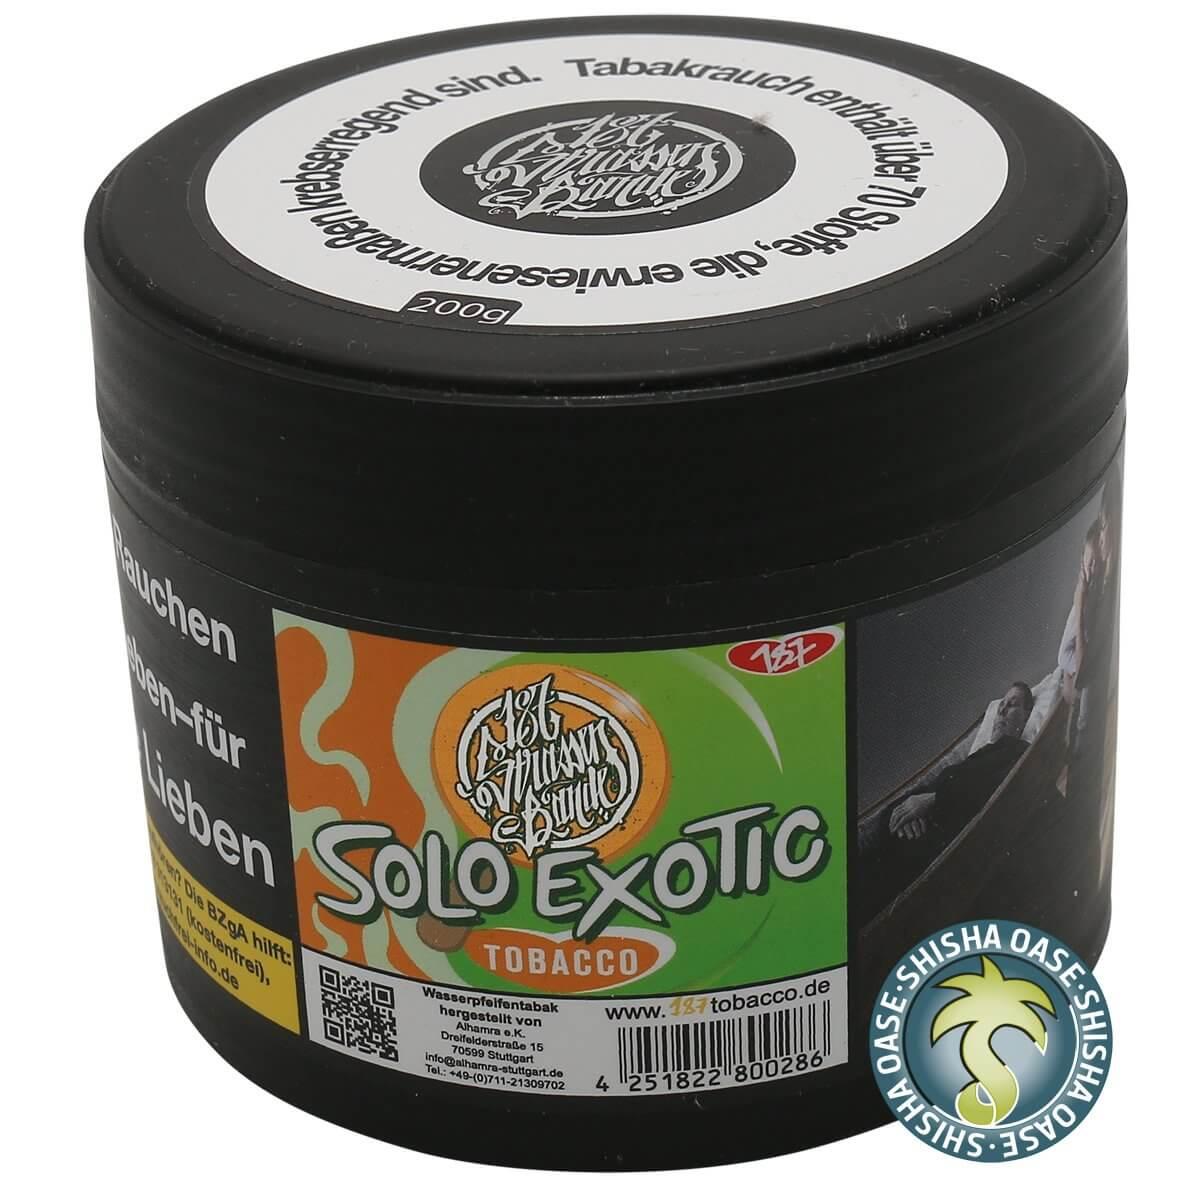 187 Tabak Solo Exotica 200g